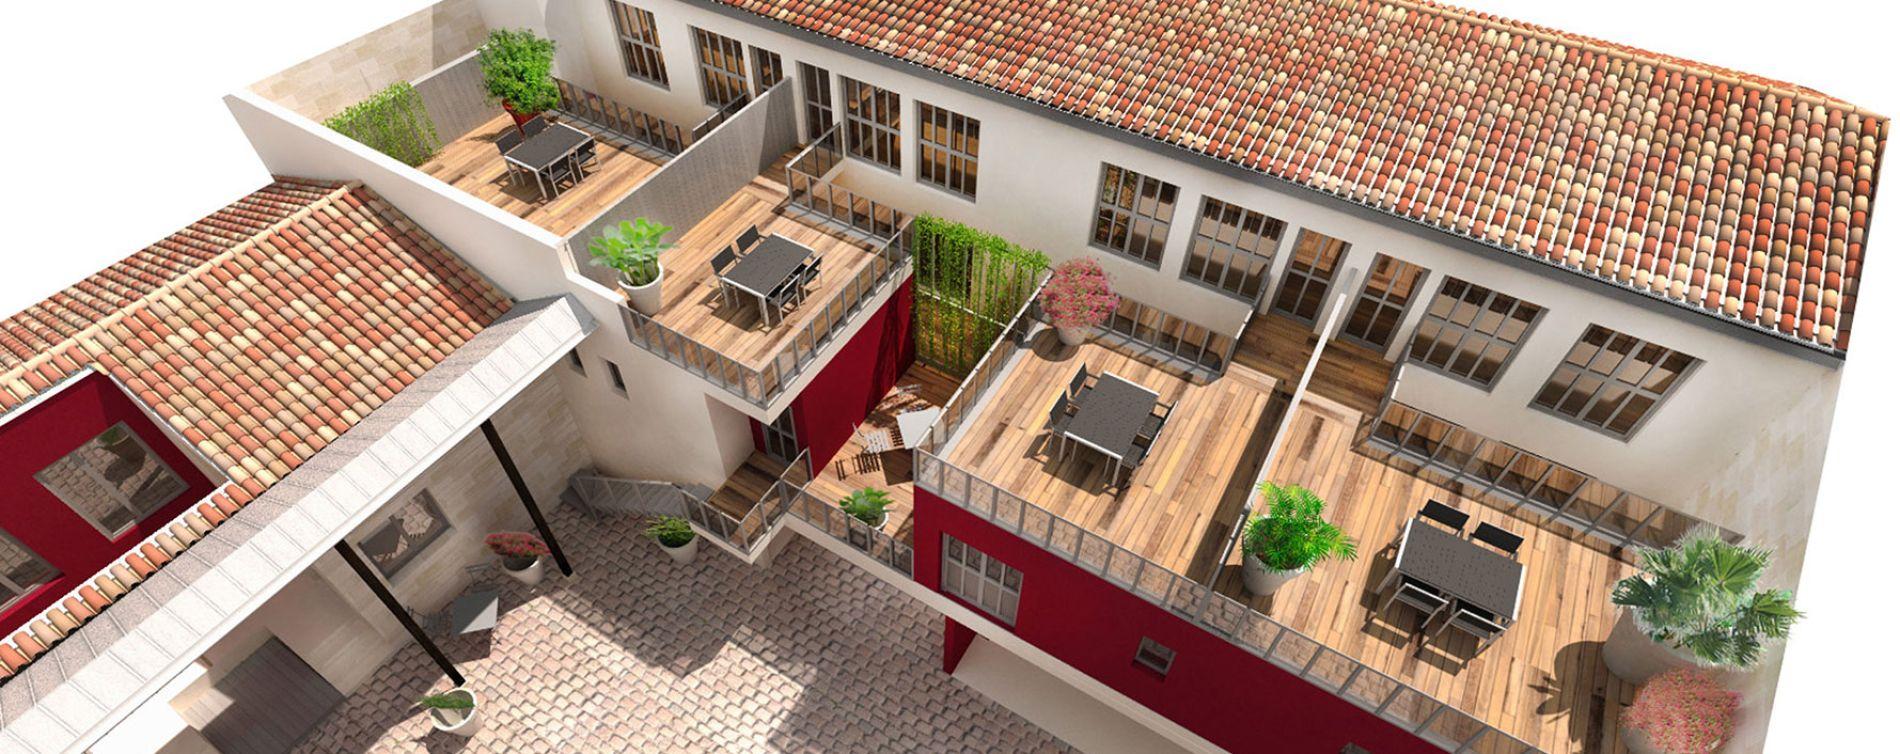 Le clos de la bastide bordeaux programme immobilier neuf for Appartement neuf bordeaux bastide